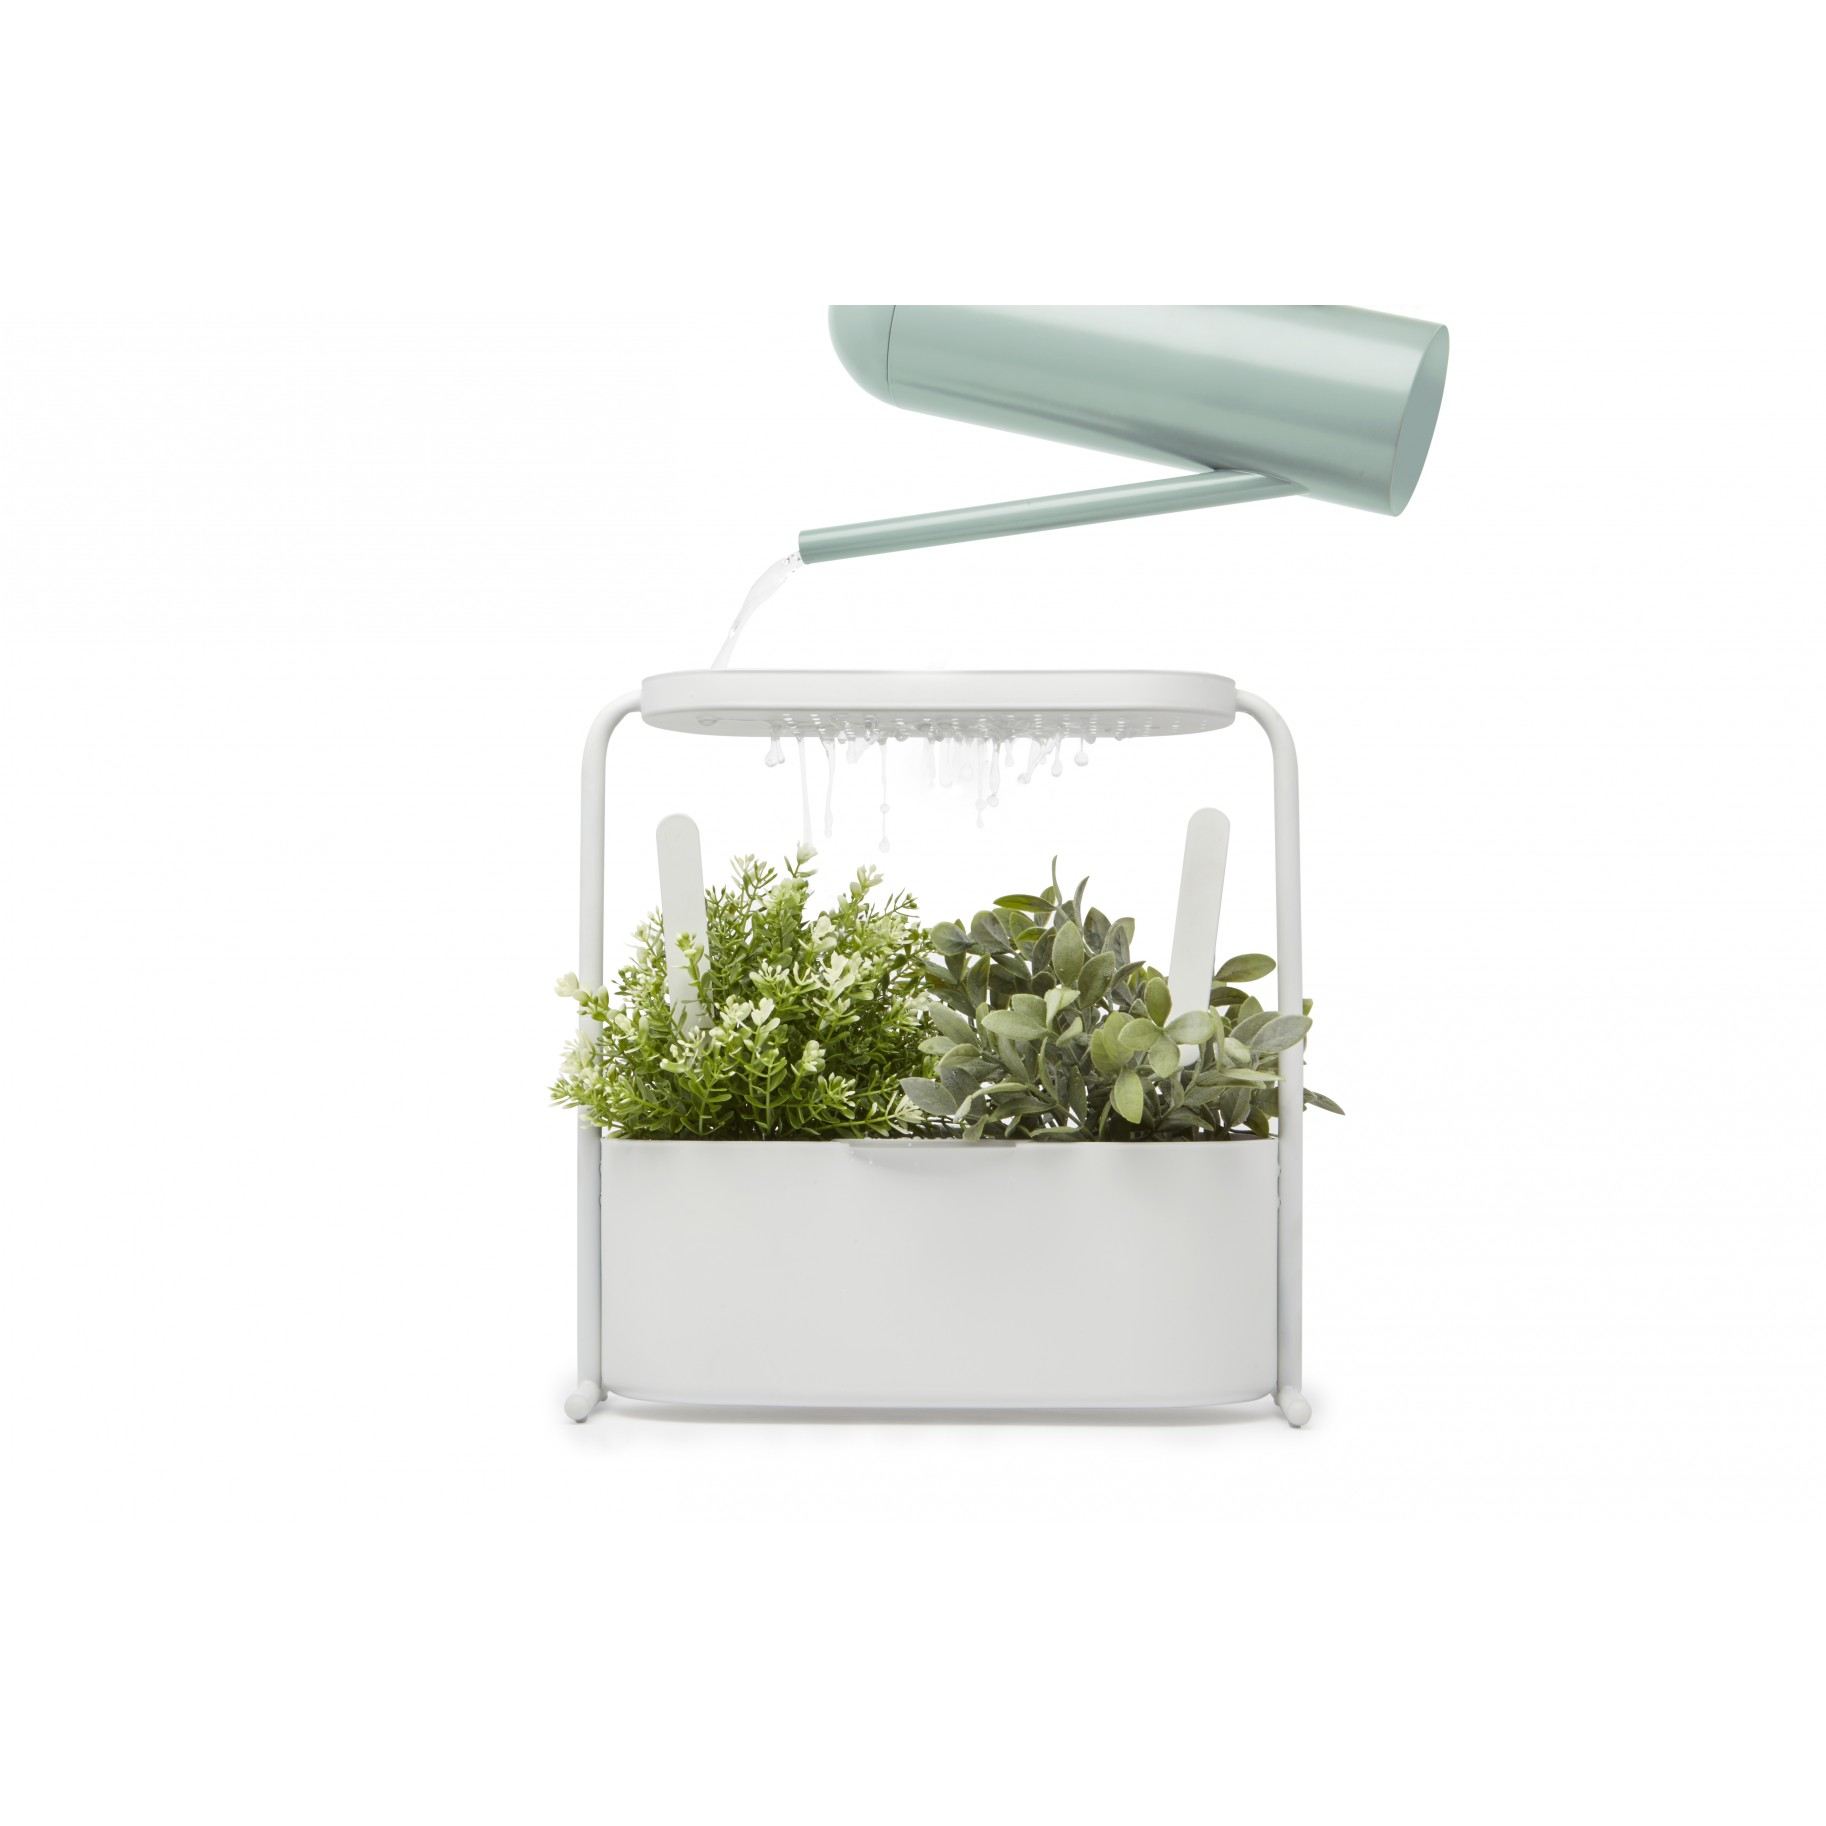 Giardino - Vaso/Jardineira para Plantas